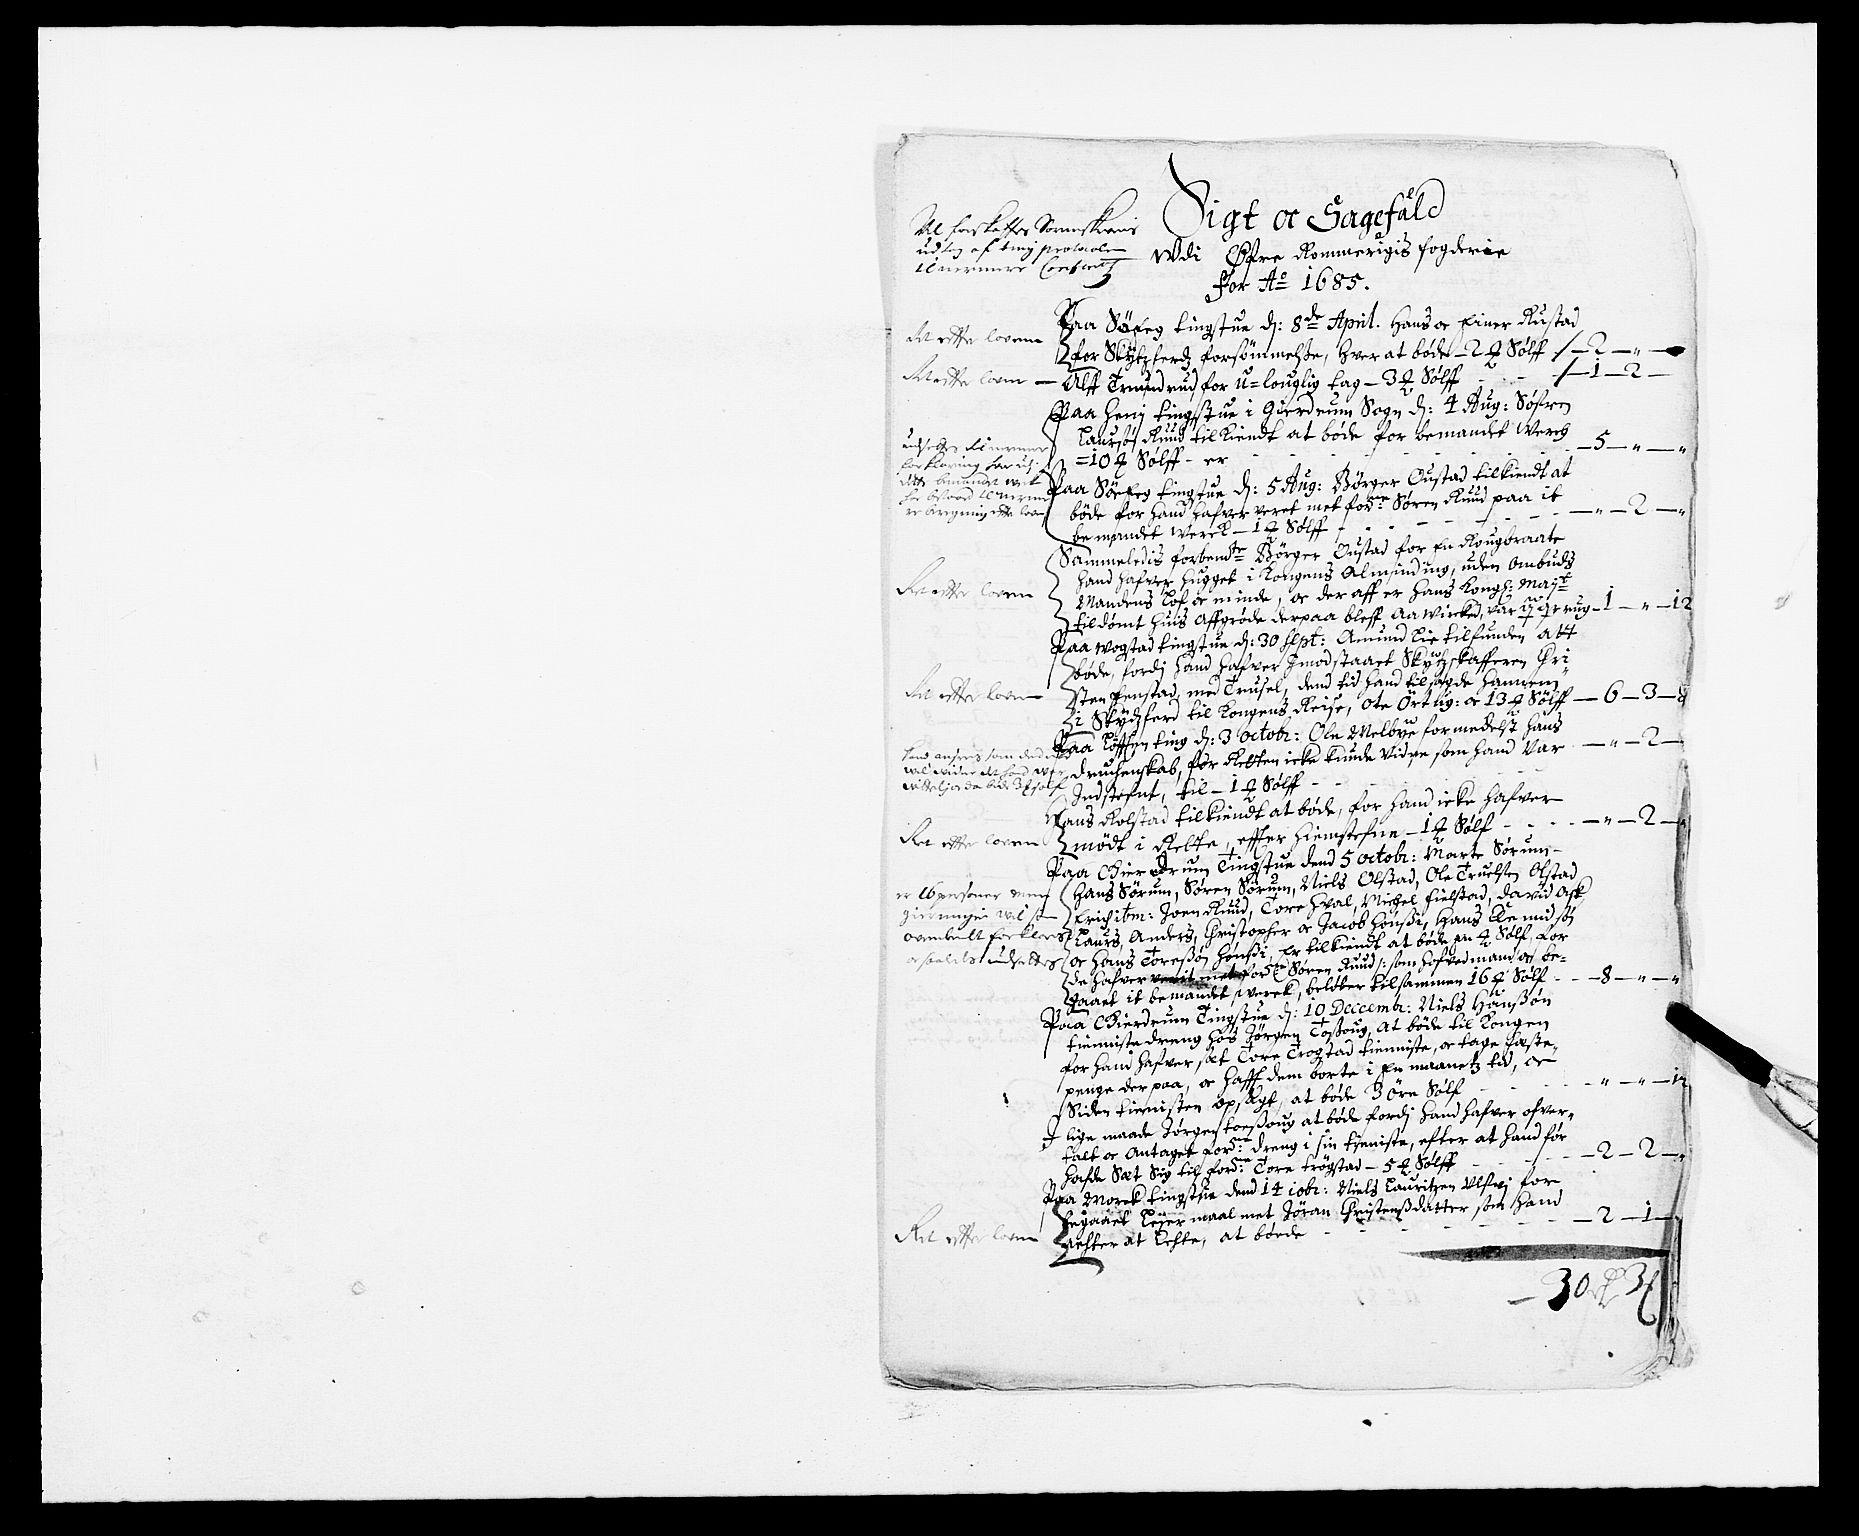 RA, Rentekammeret inntil 1814, Reviderte regnskaper, Fogderegnskap, R12/L0699: Fogderegnskap Øvre Romerike, 1685-1686, s. 50